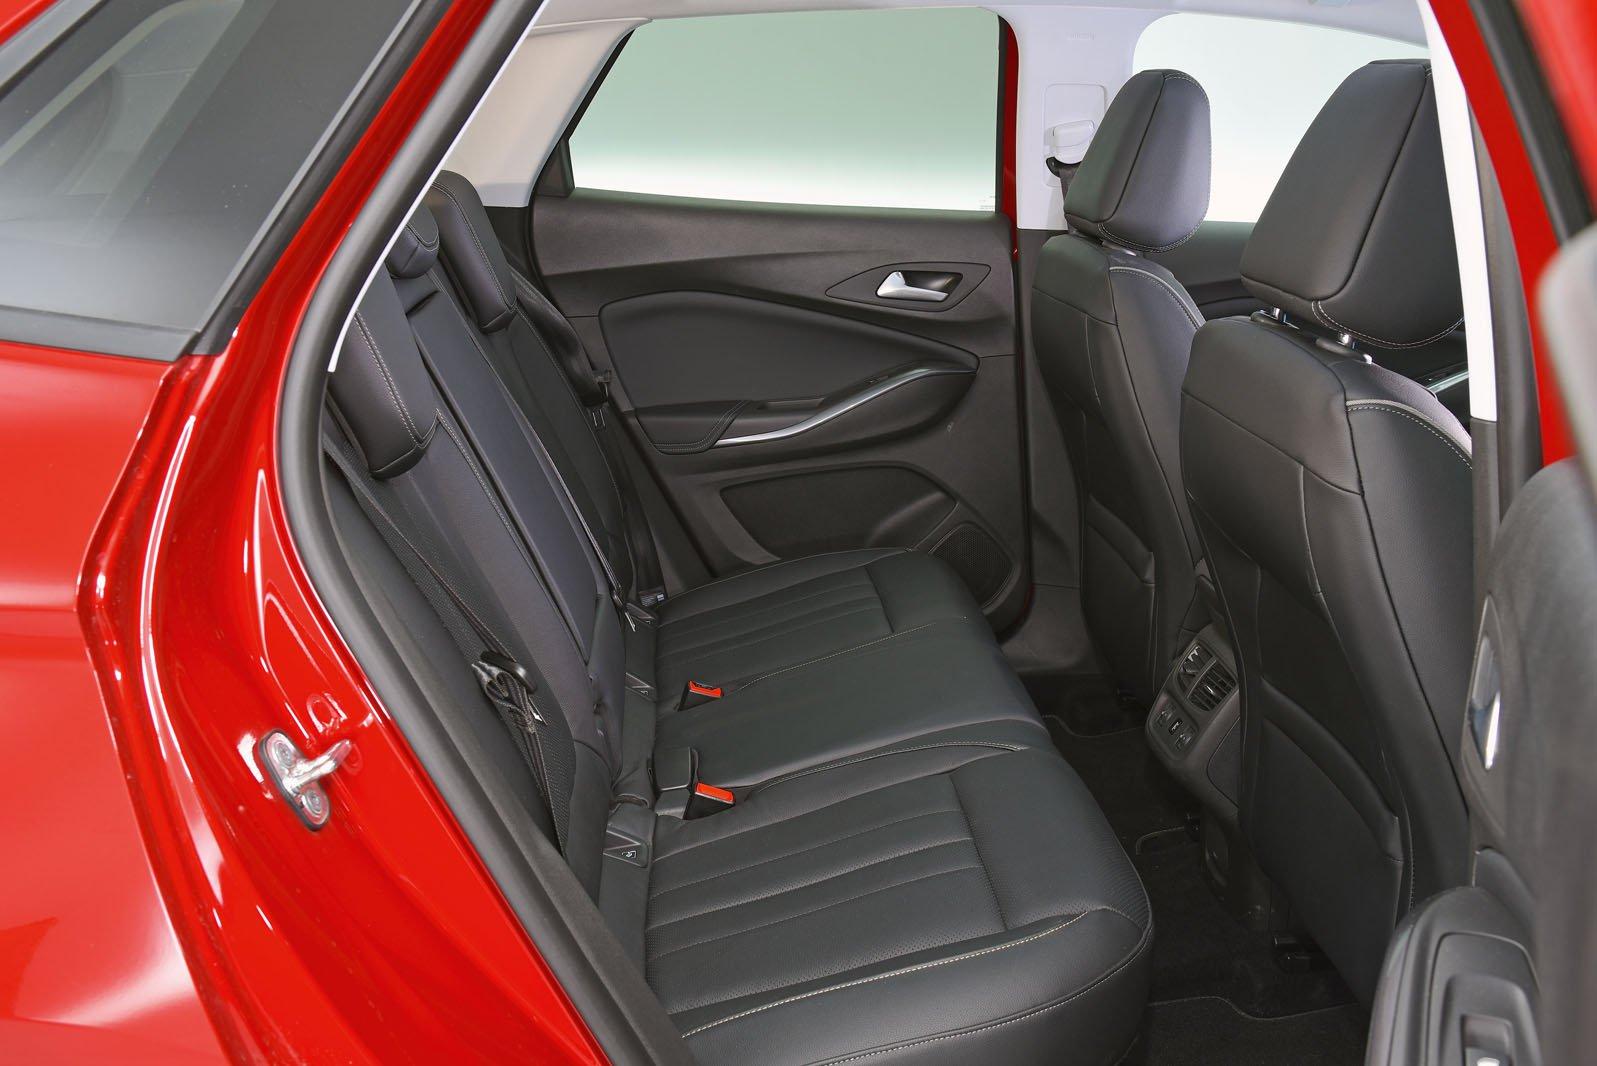 Vauxhall Grandland X 2019 rear seats